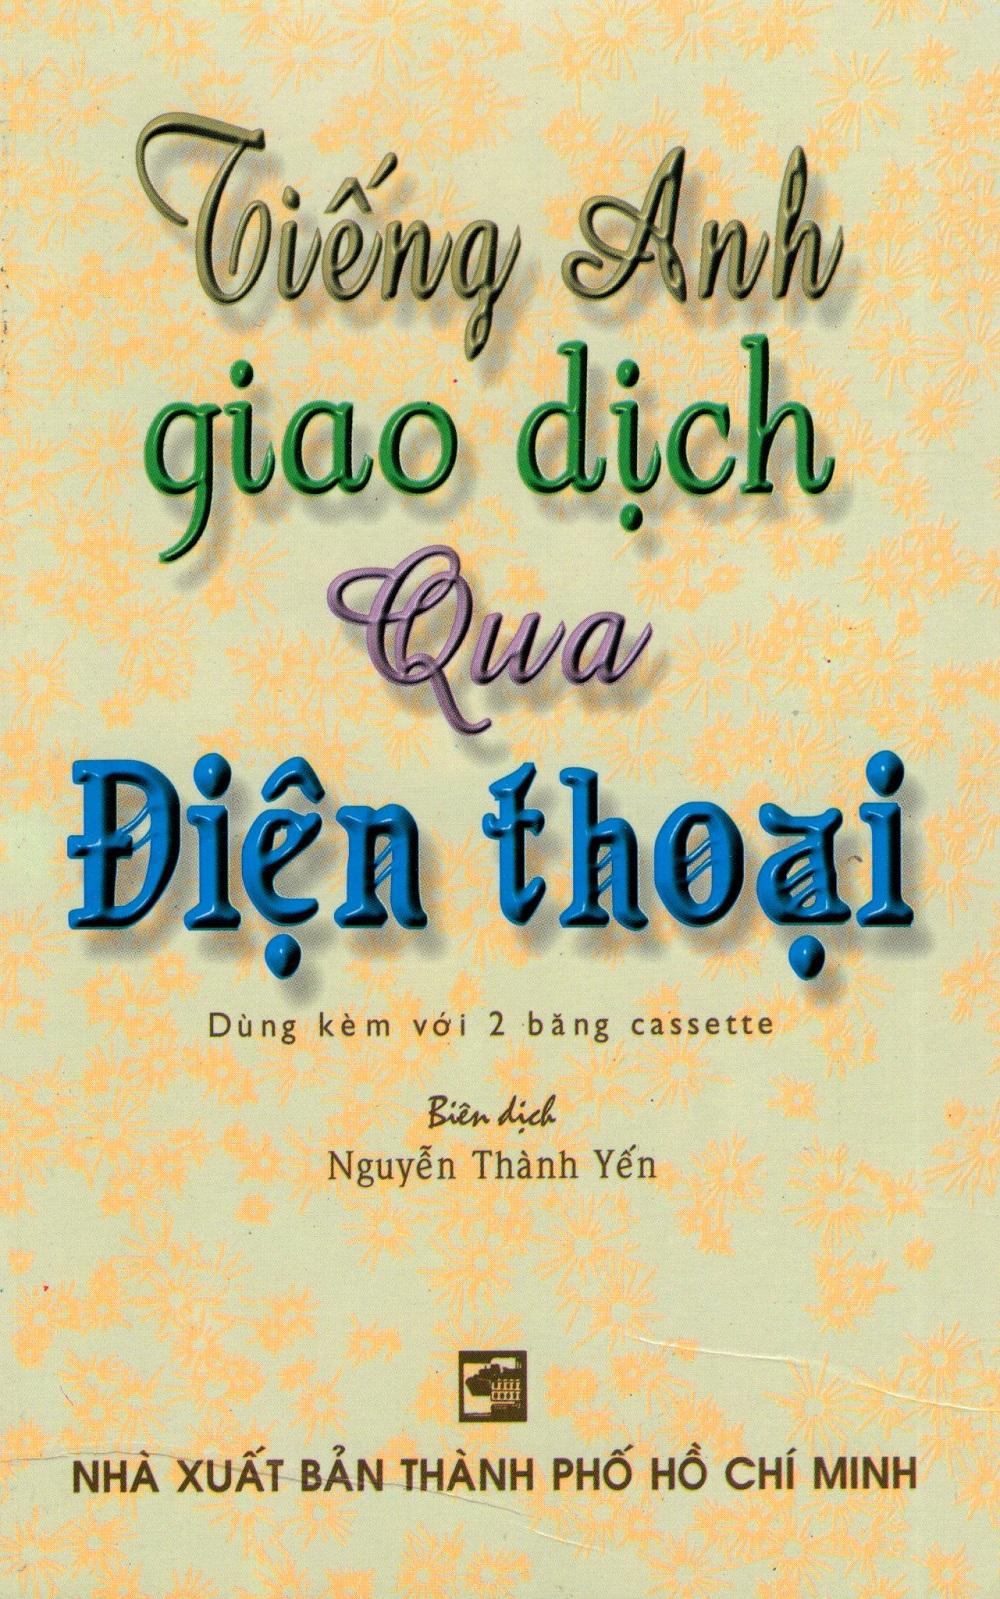 Bìa sách Tiếng Anh Giao Dịch Qua Điện Thoại (Kèm CD)